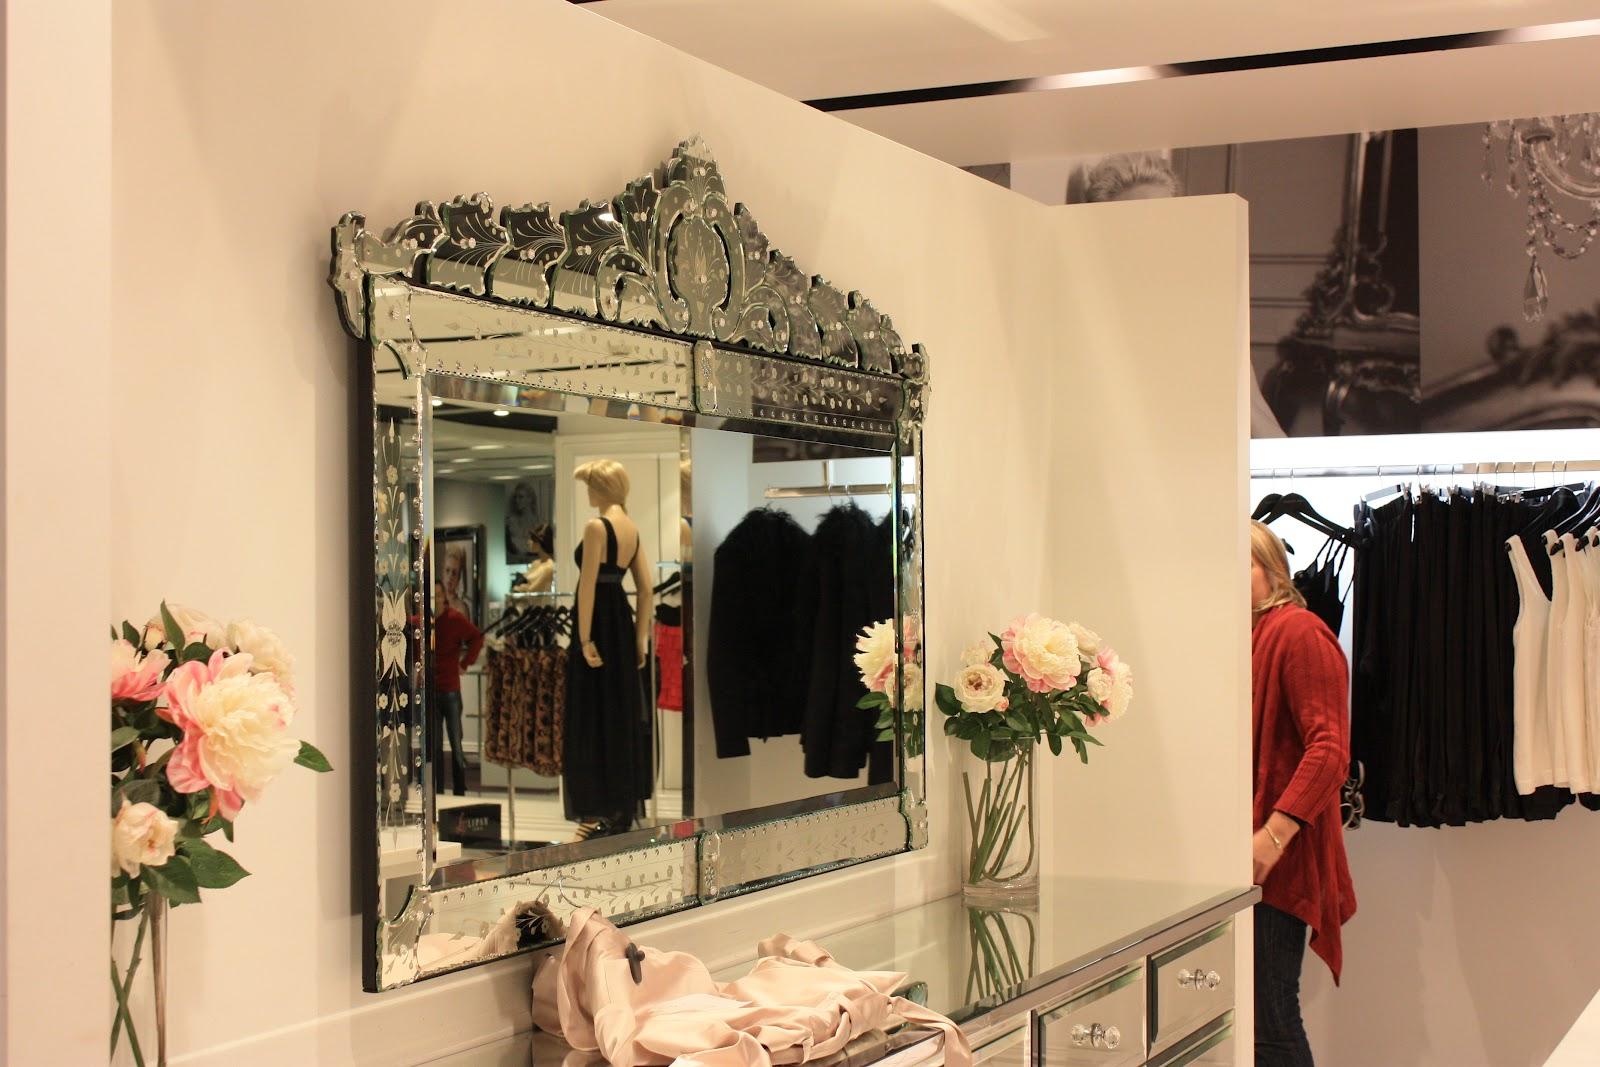 el uso de espejos en el feng shui dnde colocarlos y dnde no